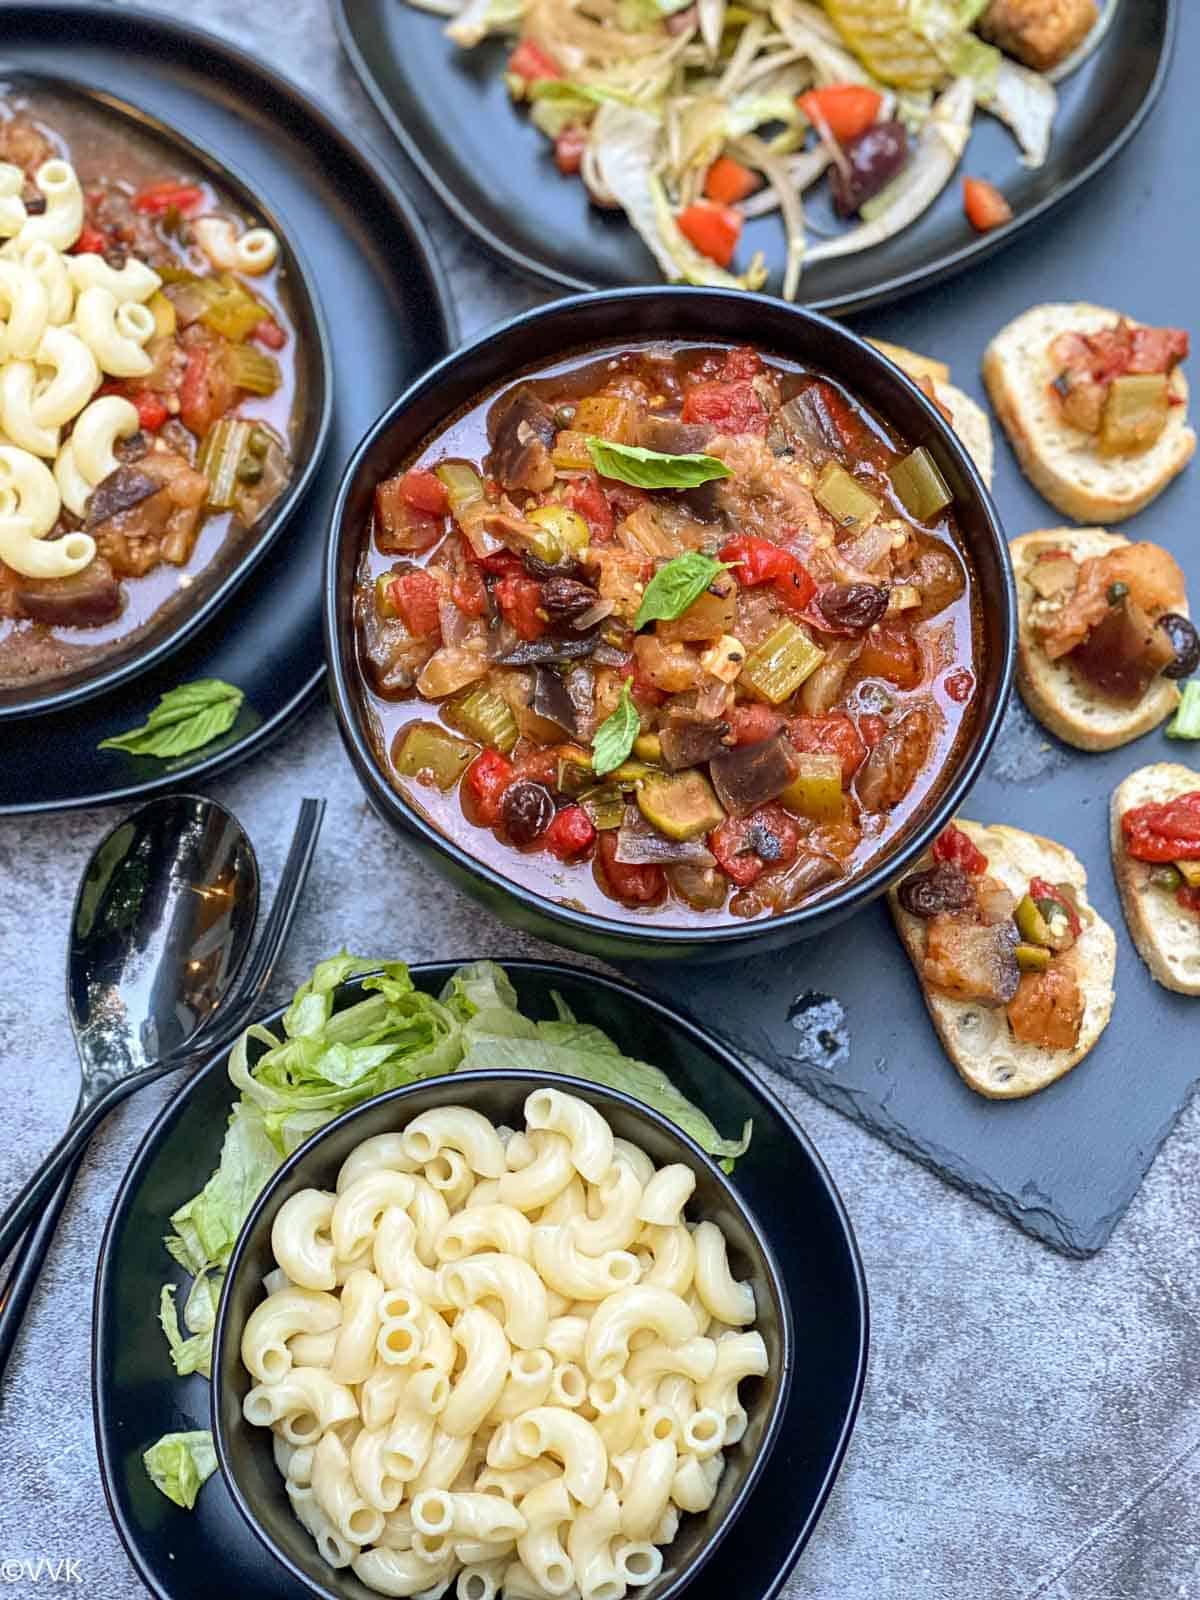 पास्ता, सलाद और ब्रशेटा के साथ कैपोनाटा का ओवरहेड शॉट